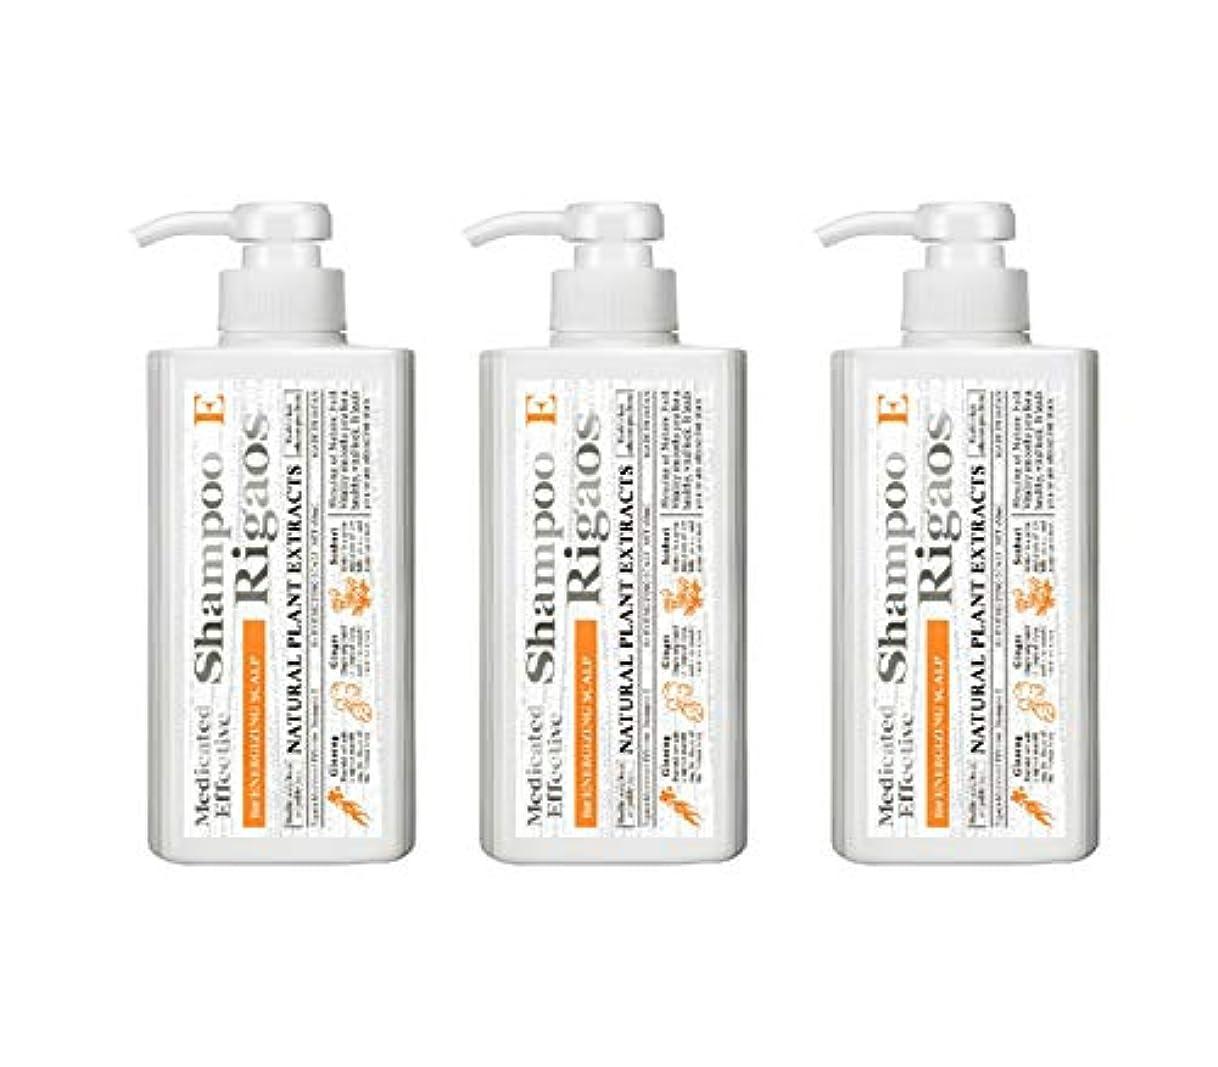 報いる戸棚毎年【3個セット】リガオス 薬用 エフェクティブ シャンプー E ボトル(オレンジ) 450ml